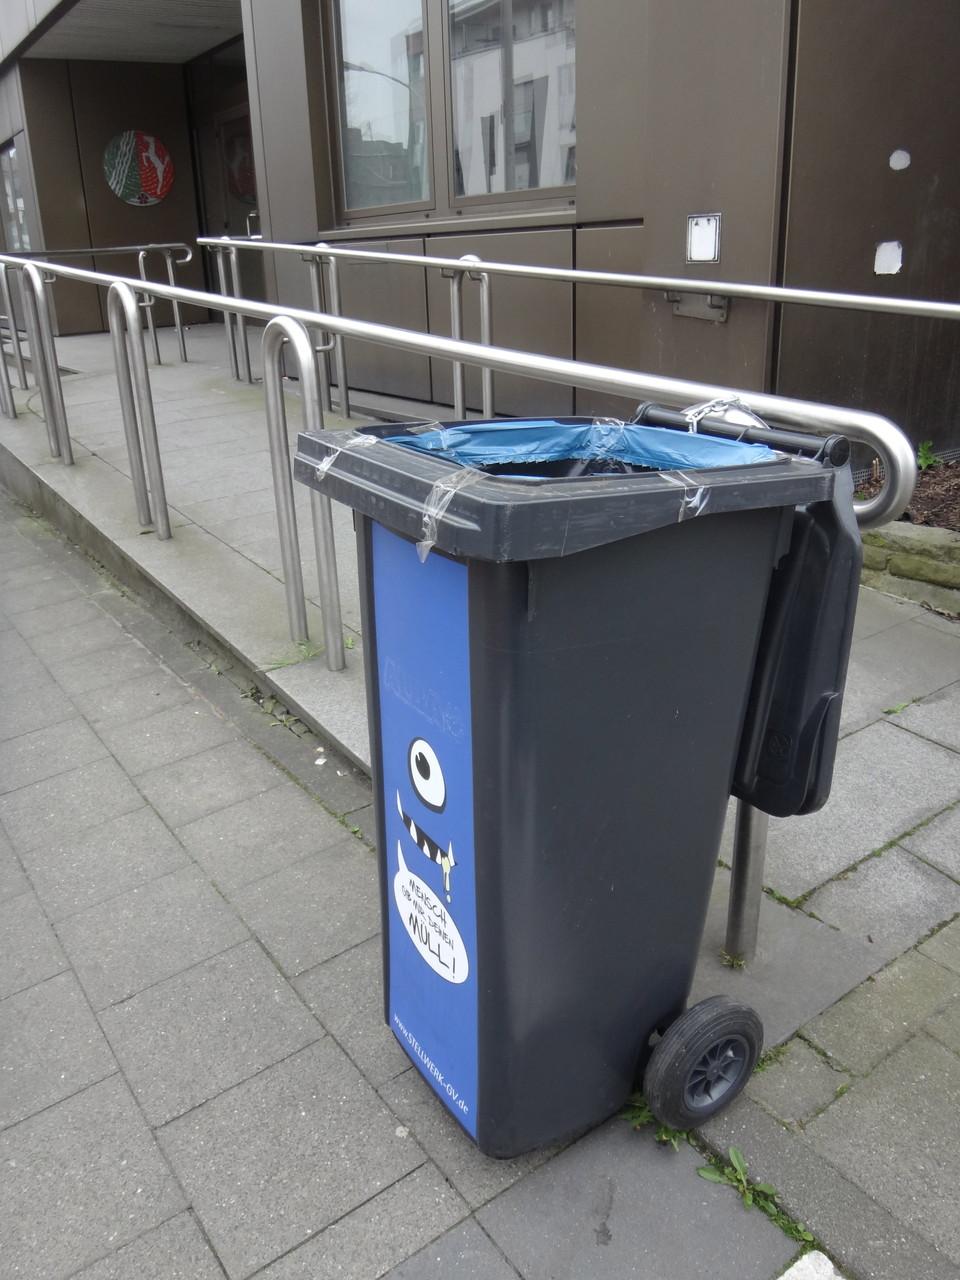 Stellwerk Müllfresser-Tonne während der Testphase